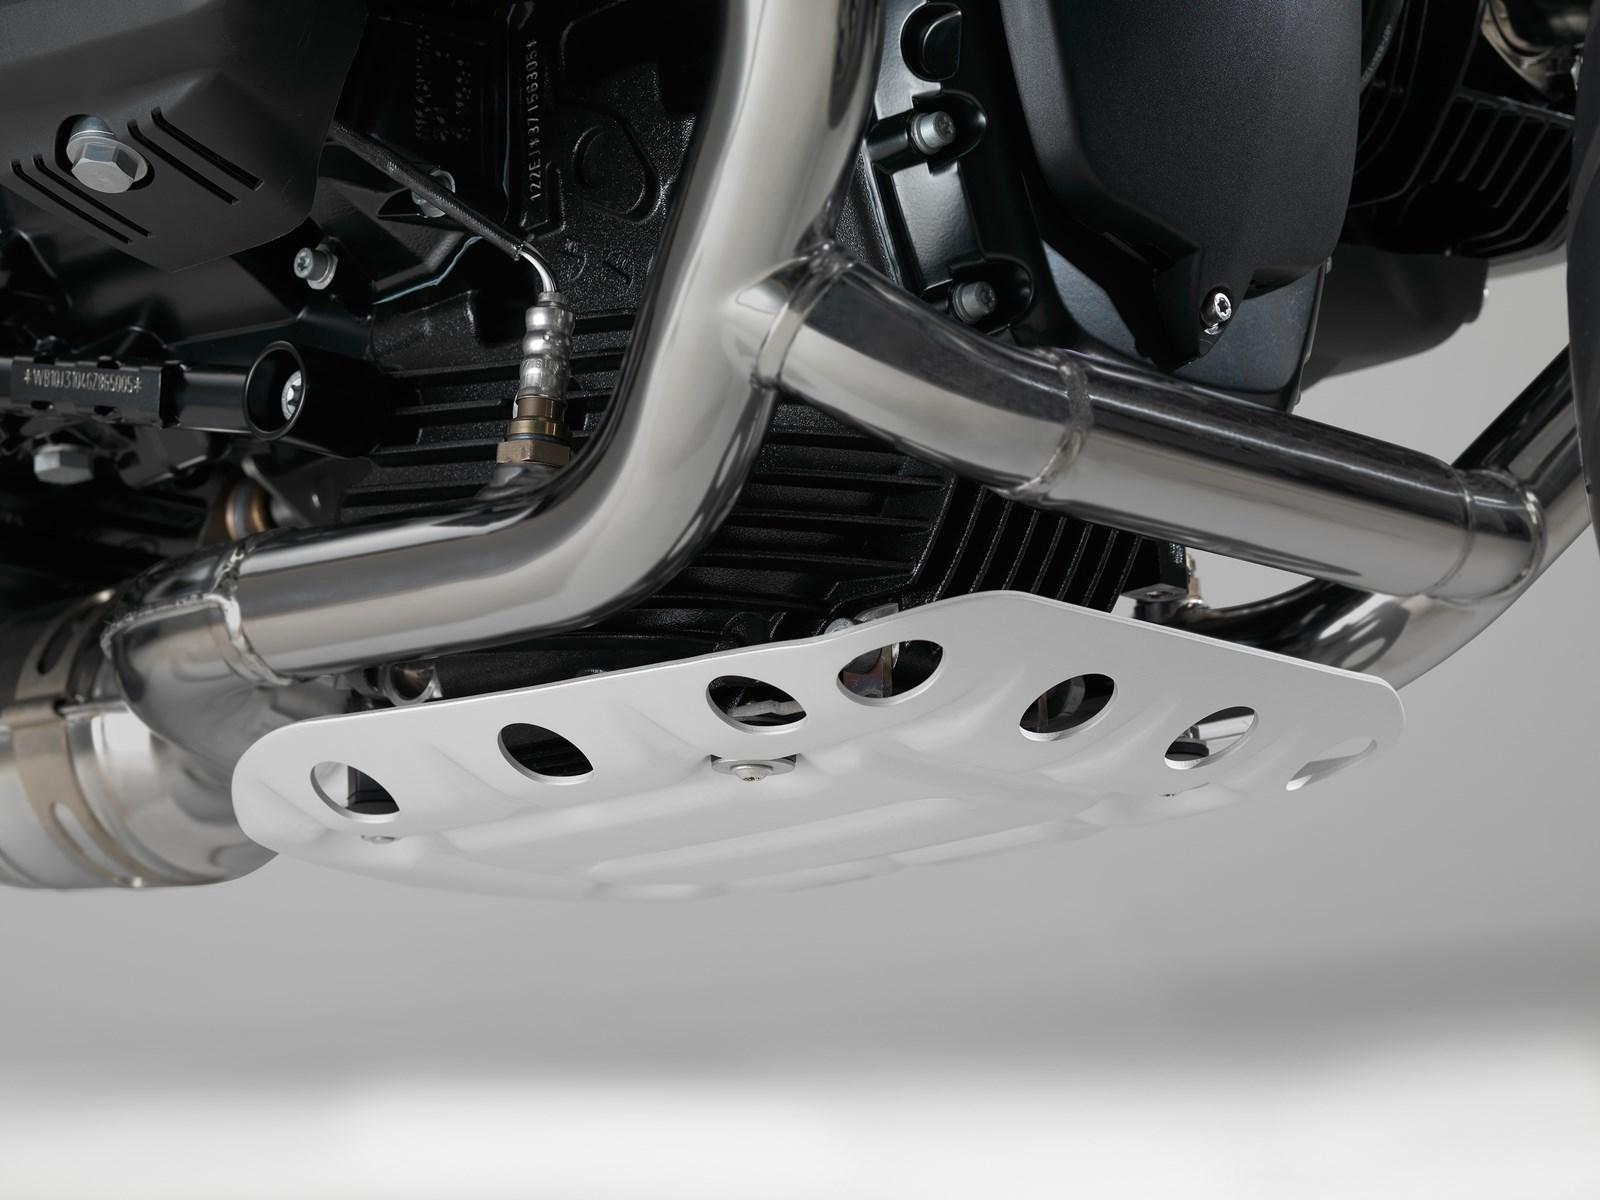 Foto de BMW R NineT Scrambler, estudio y detalles (31/32)